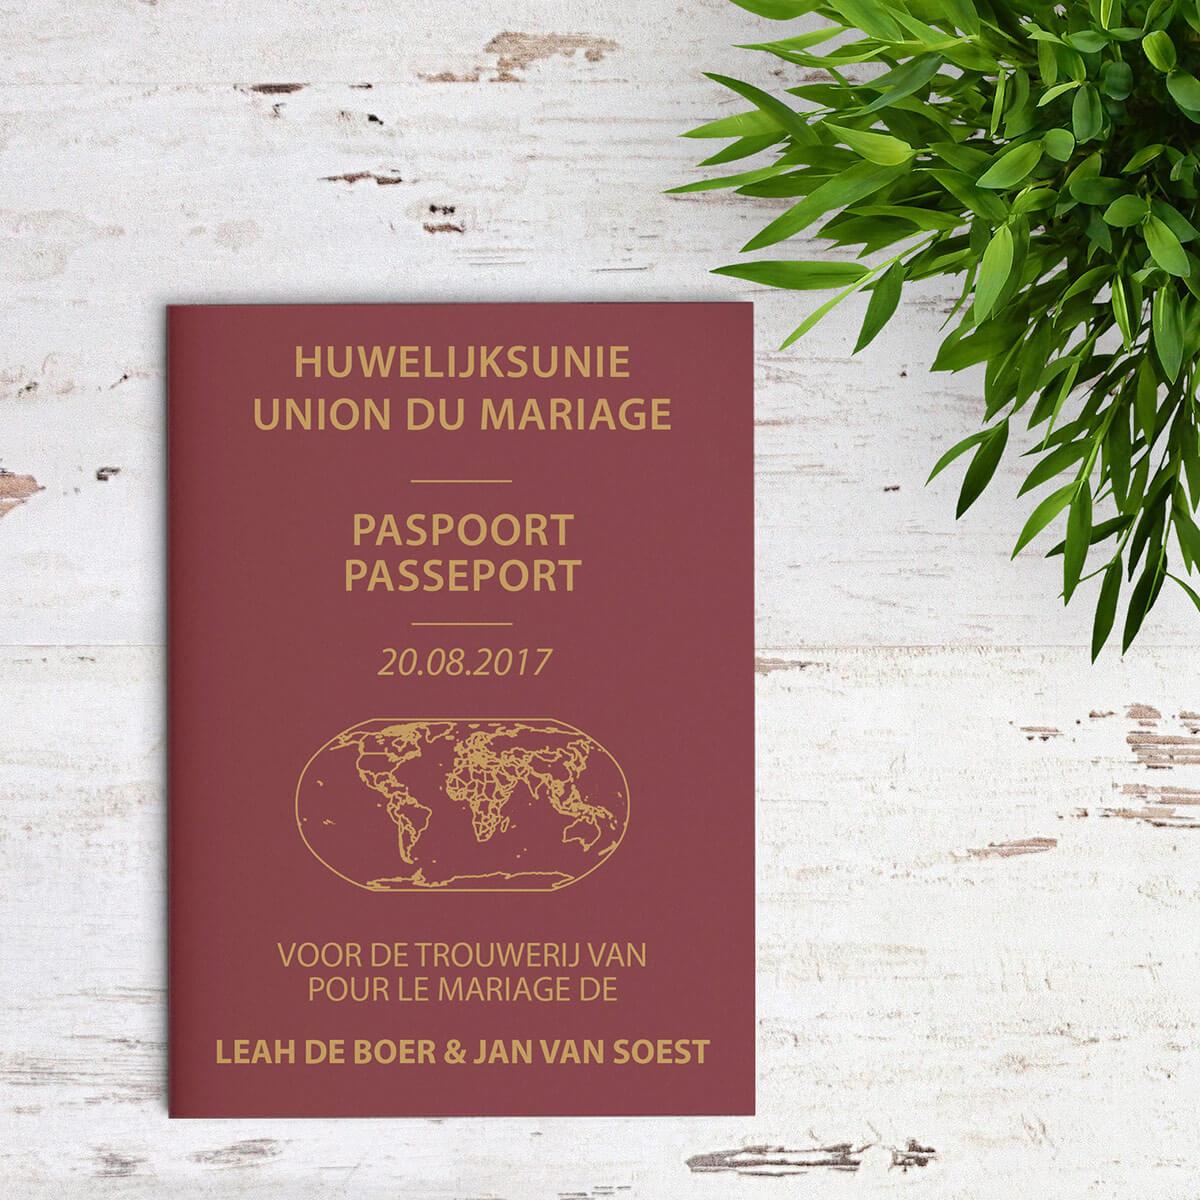 Deze Paspoort trouwkaart is uitgewerkt om op een Belgisch paspoort te lijken, tot in detail, maar alles is toepasselijk gemaakt voor een trouwkaart. Voorkant van de trouwkaart is te zien op deze afbeelding.